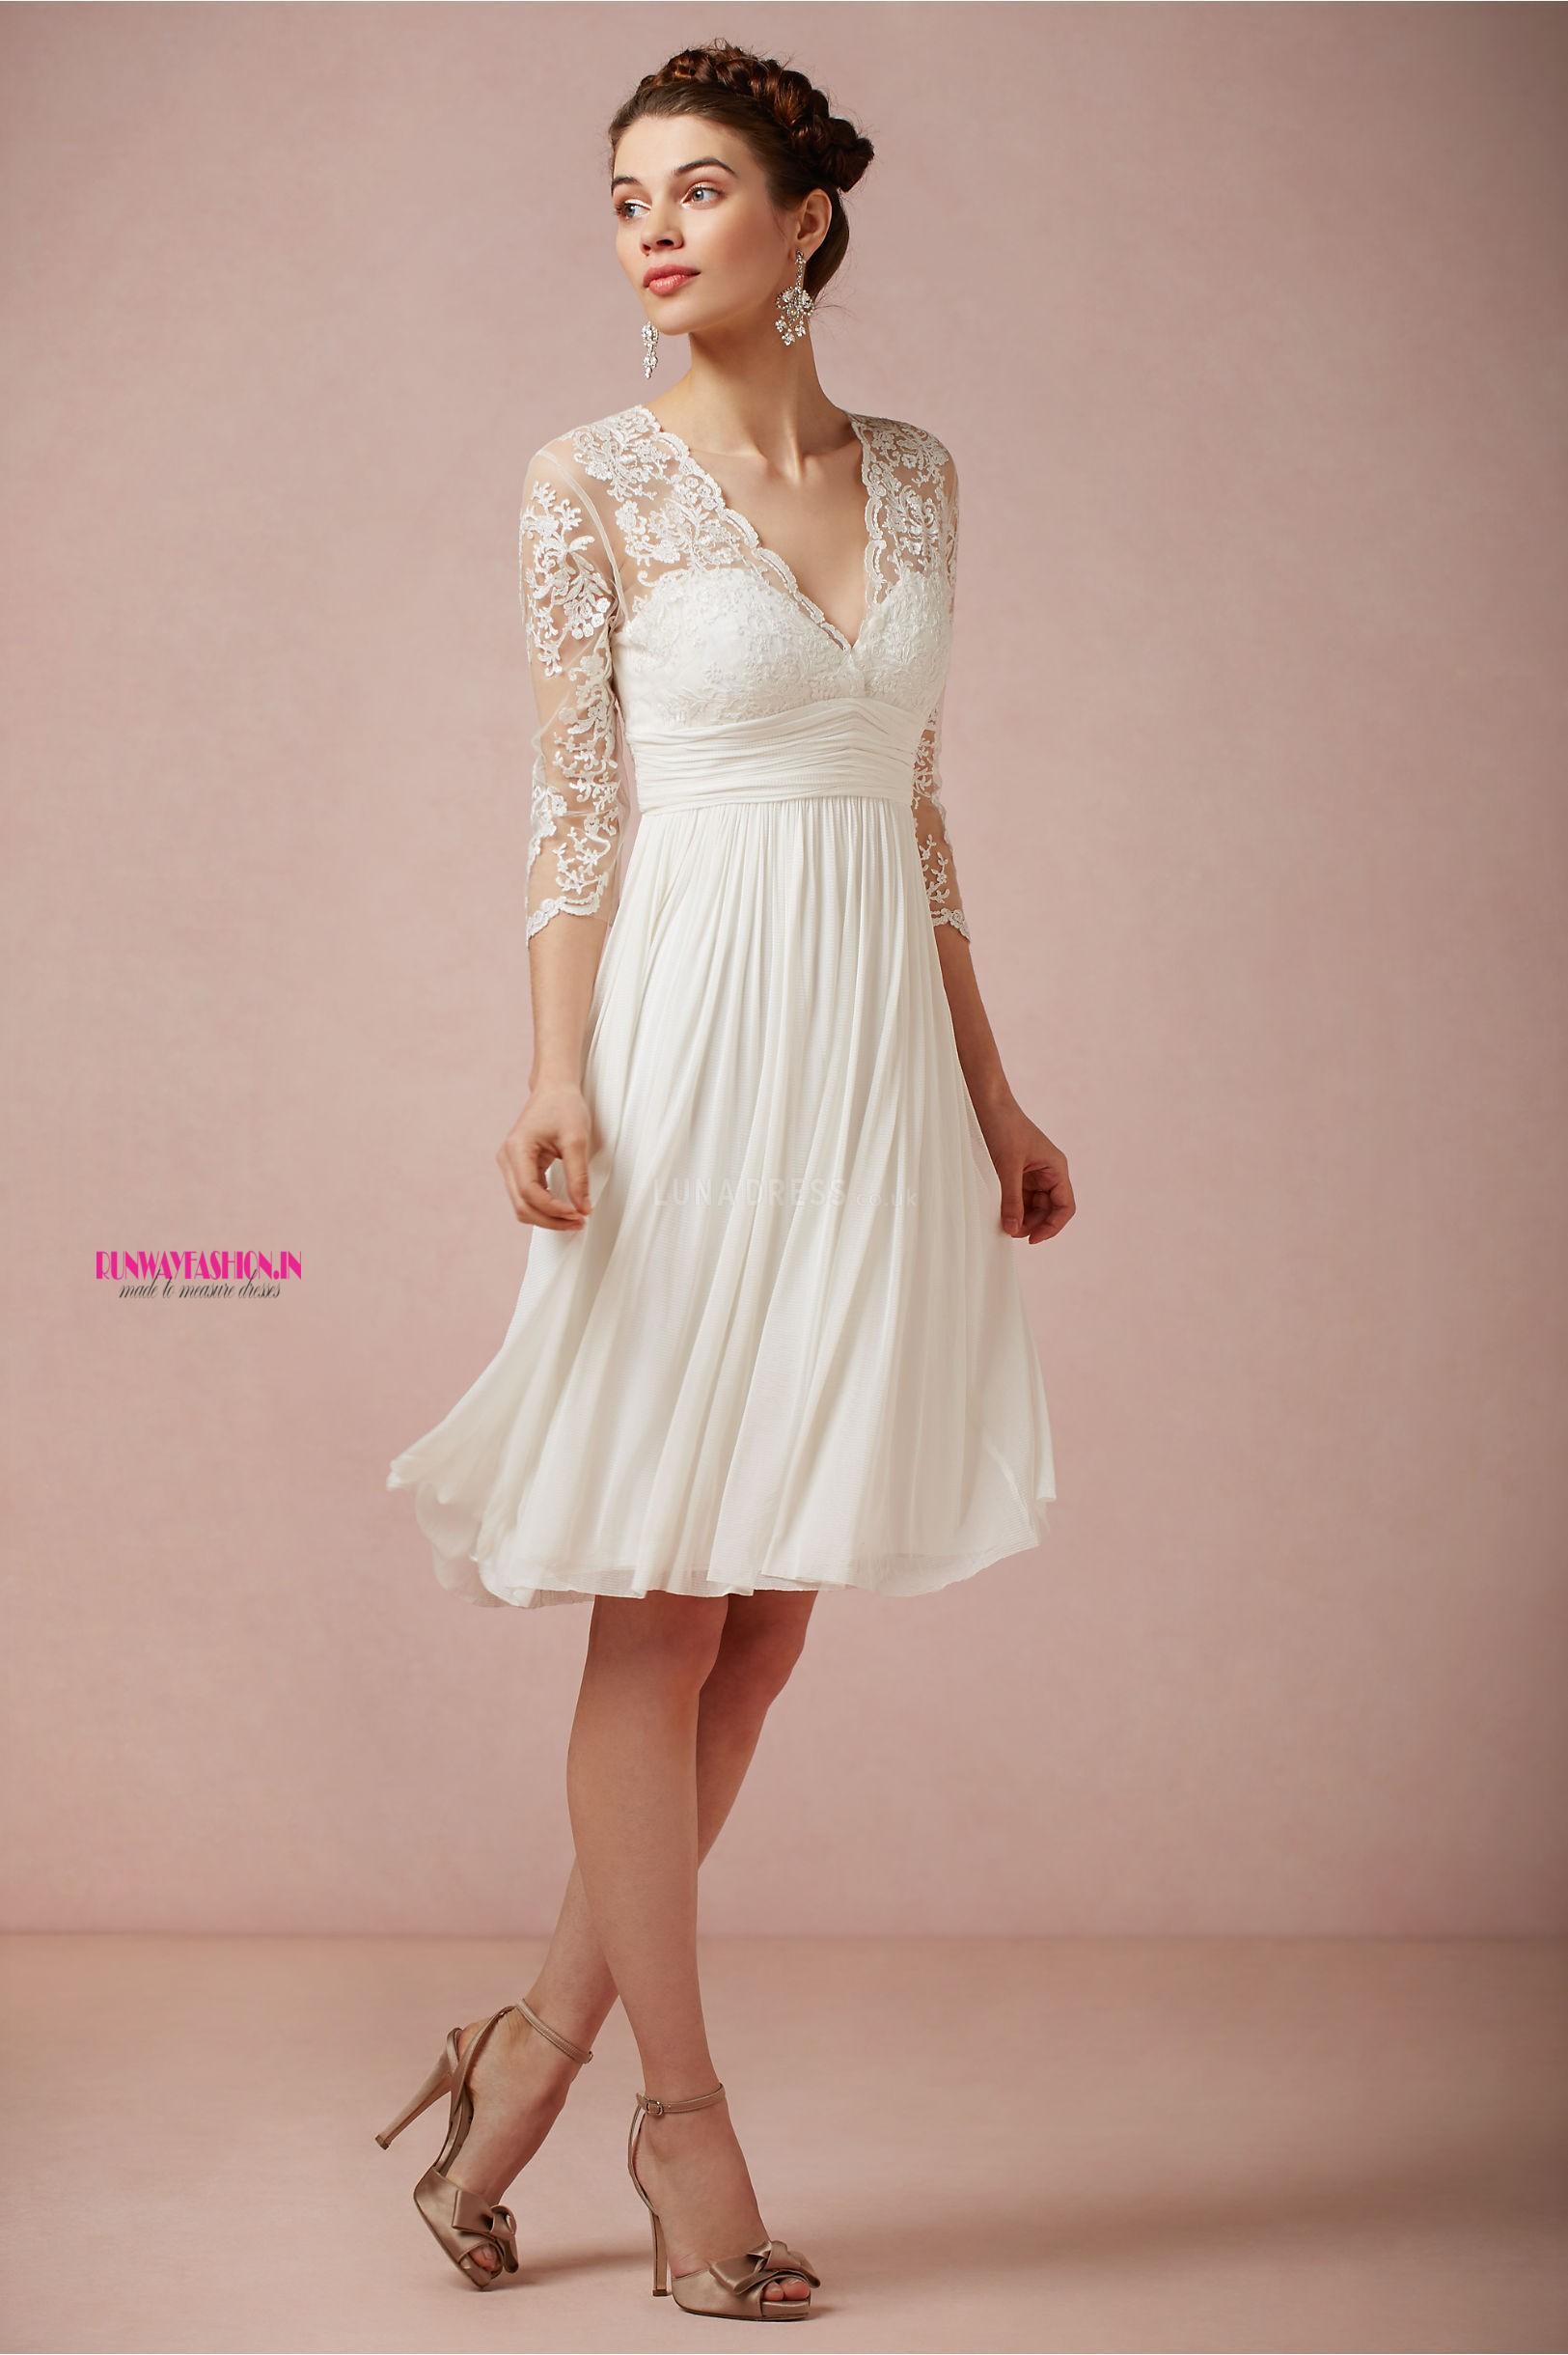 Vestidos de novia - Runway Fashion - A medida vestidos, Vestidos de ...